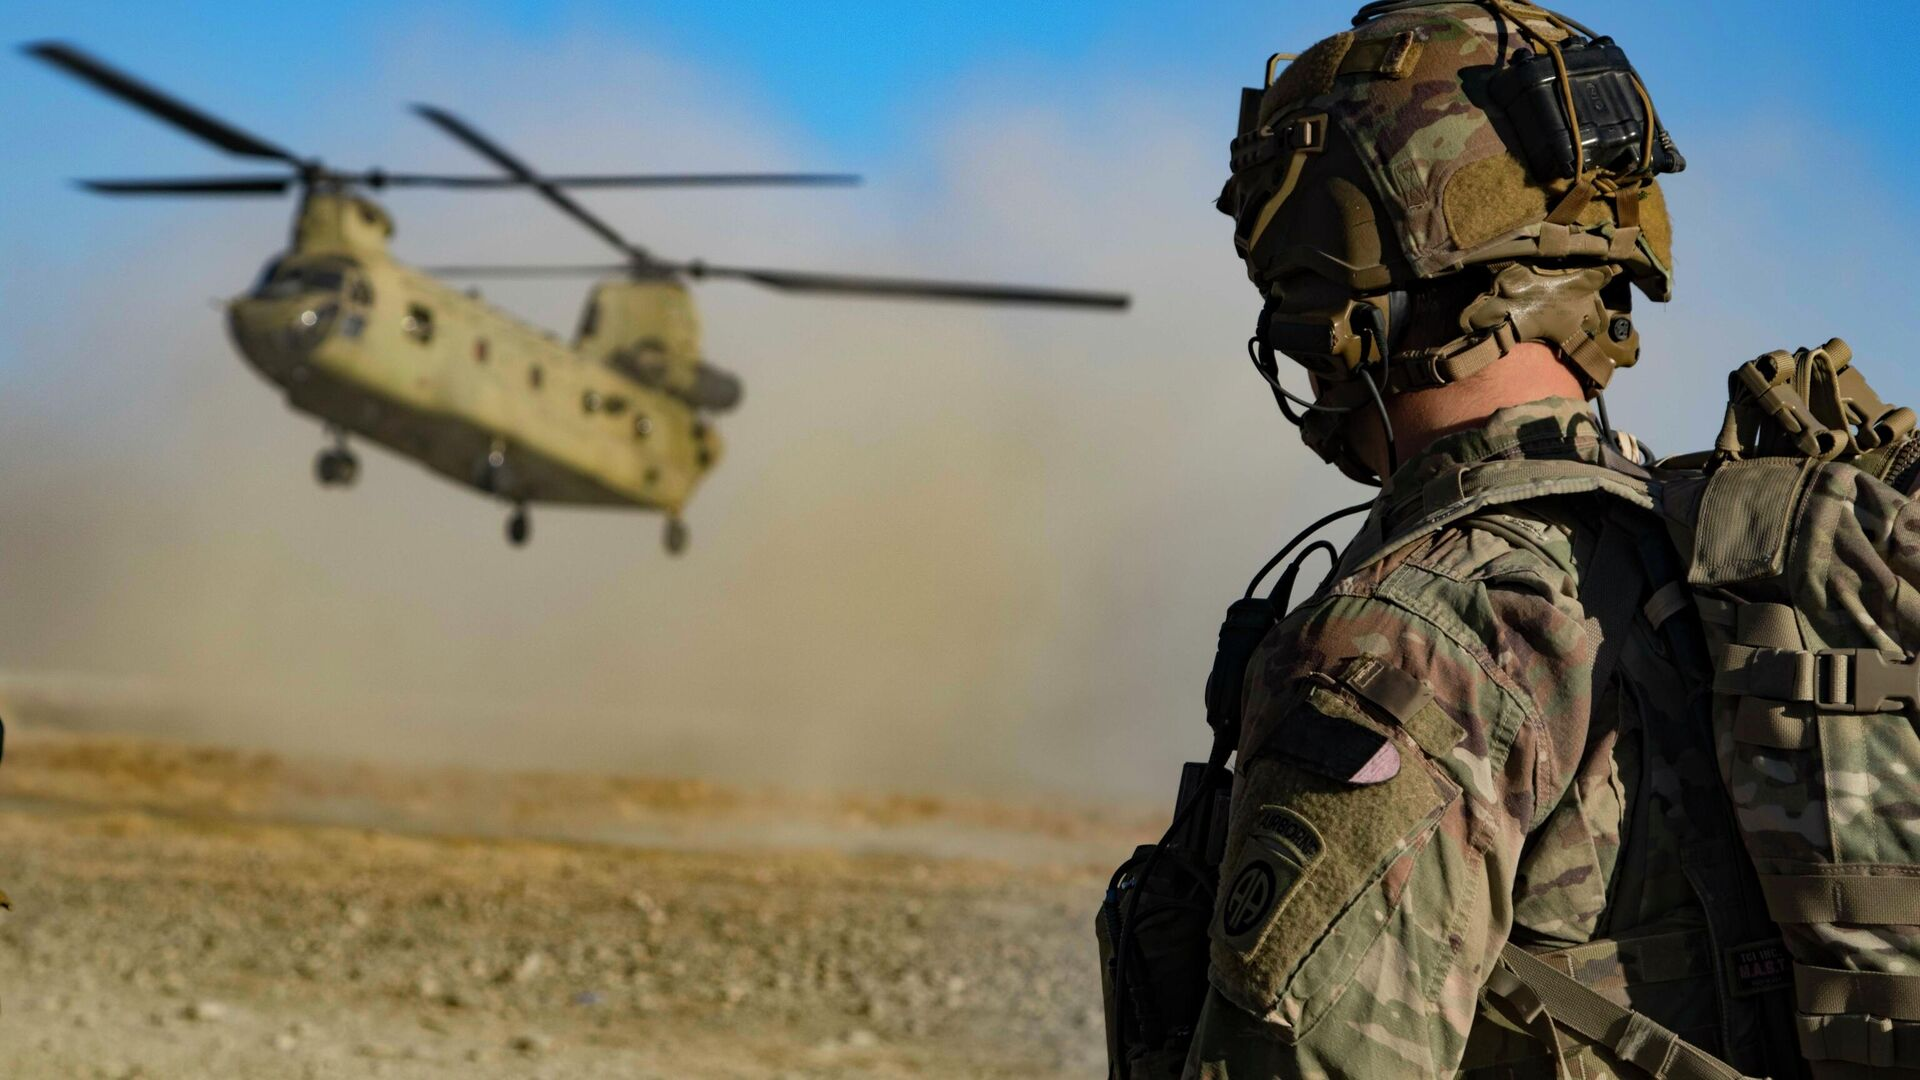 Американские военные на юго-востоке Афганистана - РИА Новости, 1920, 18.05.2021